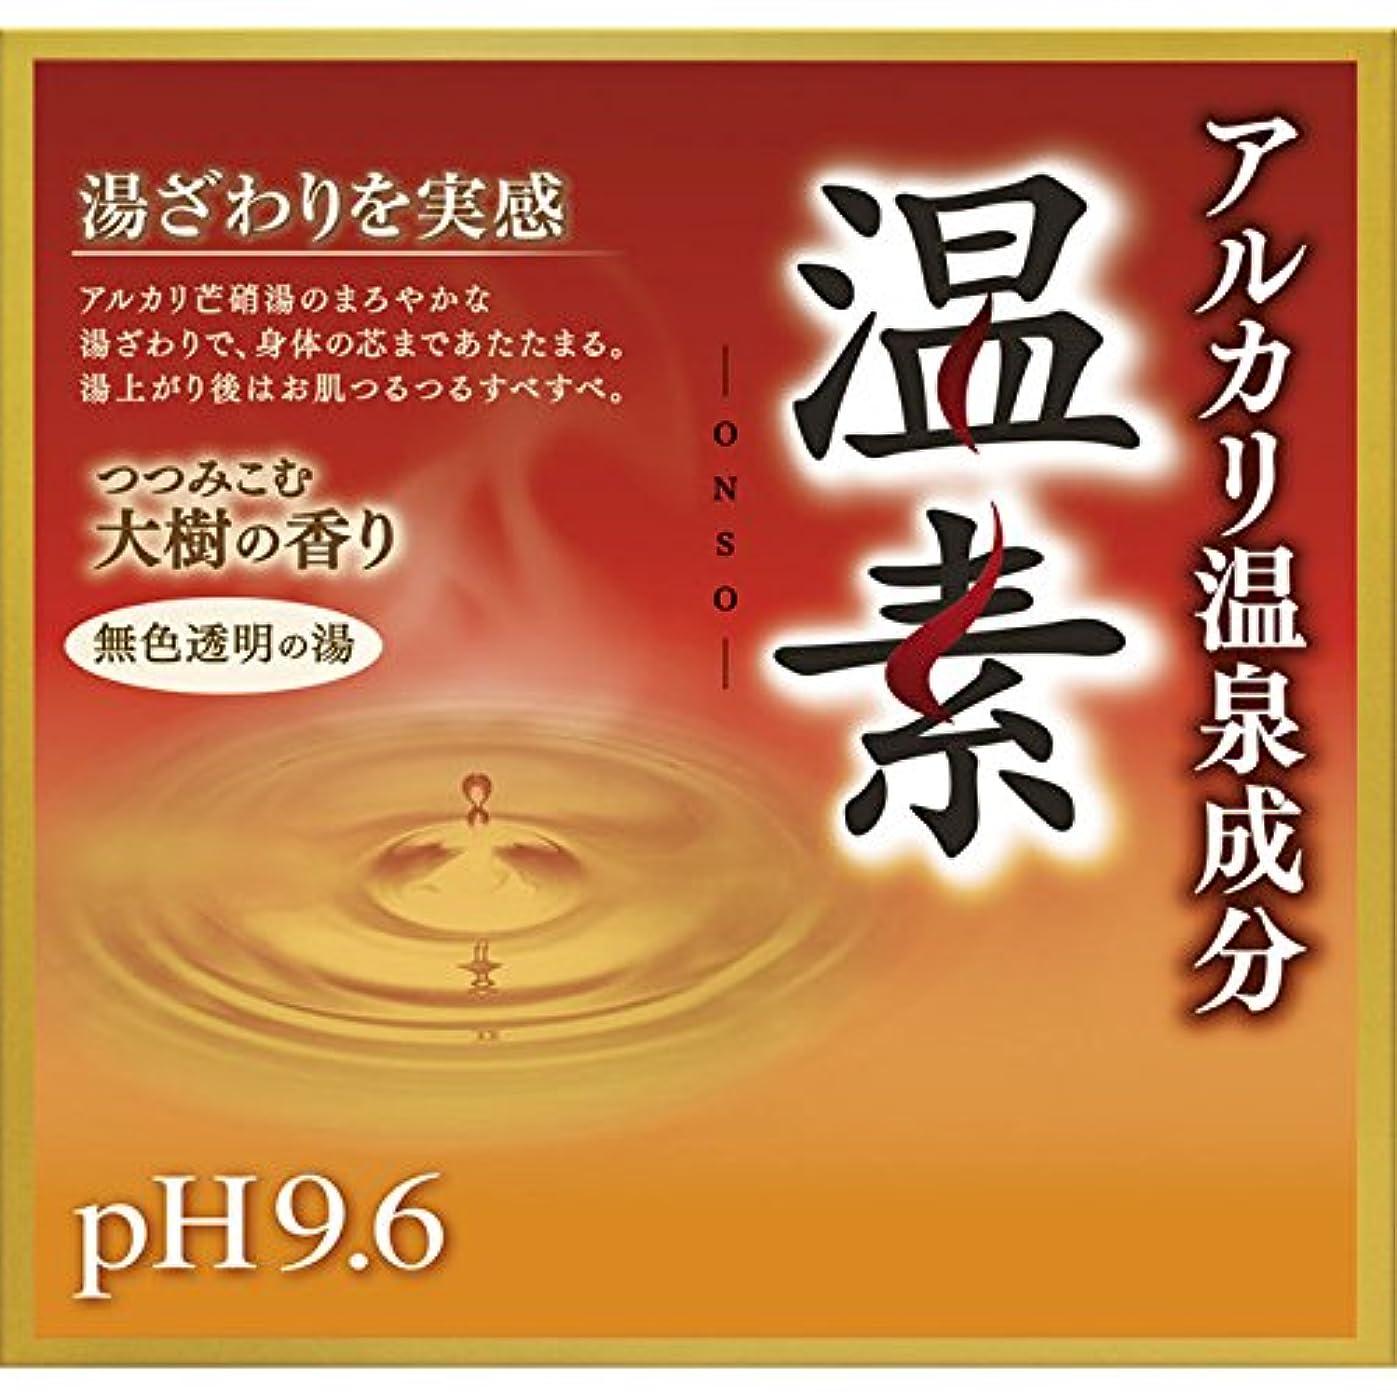 耐えられるラベ切り刻むアース製薬 アルカリ温泉成分 温素 30g×15包